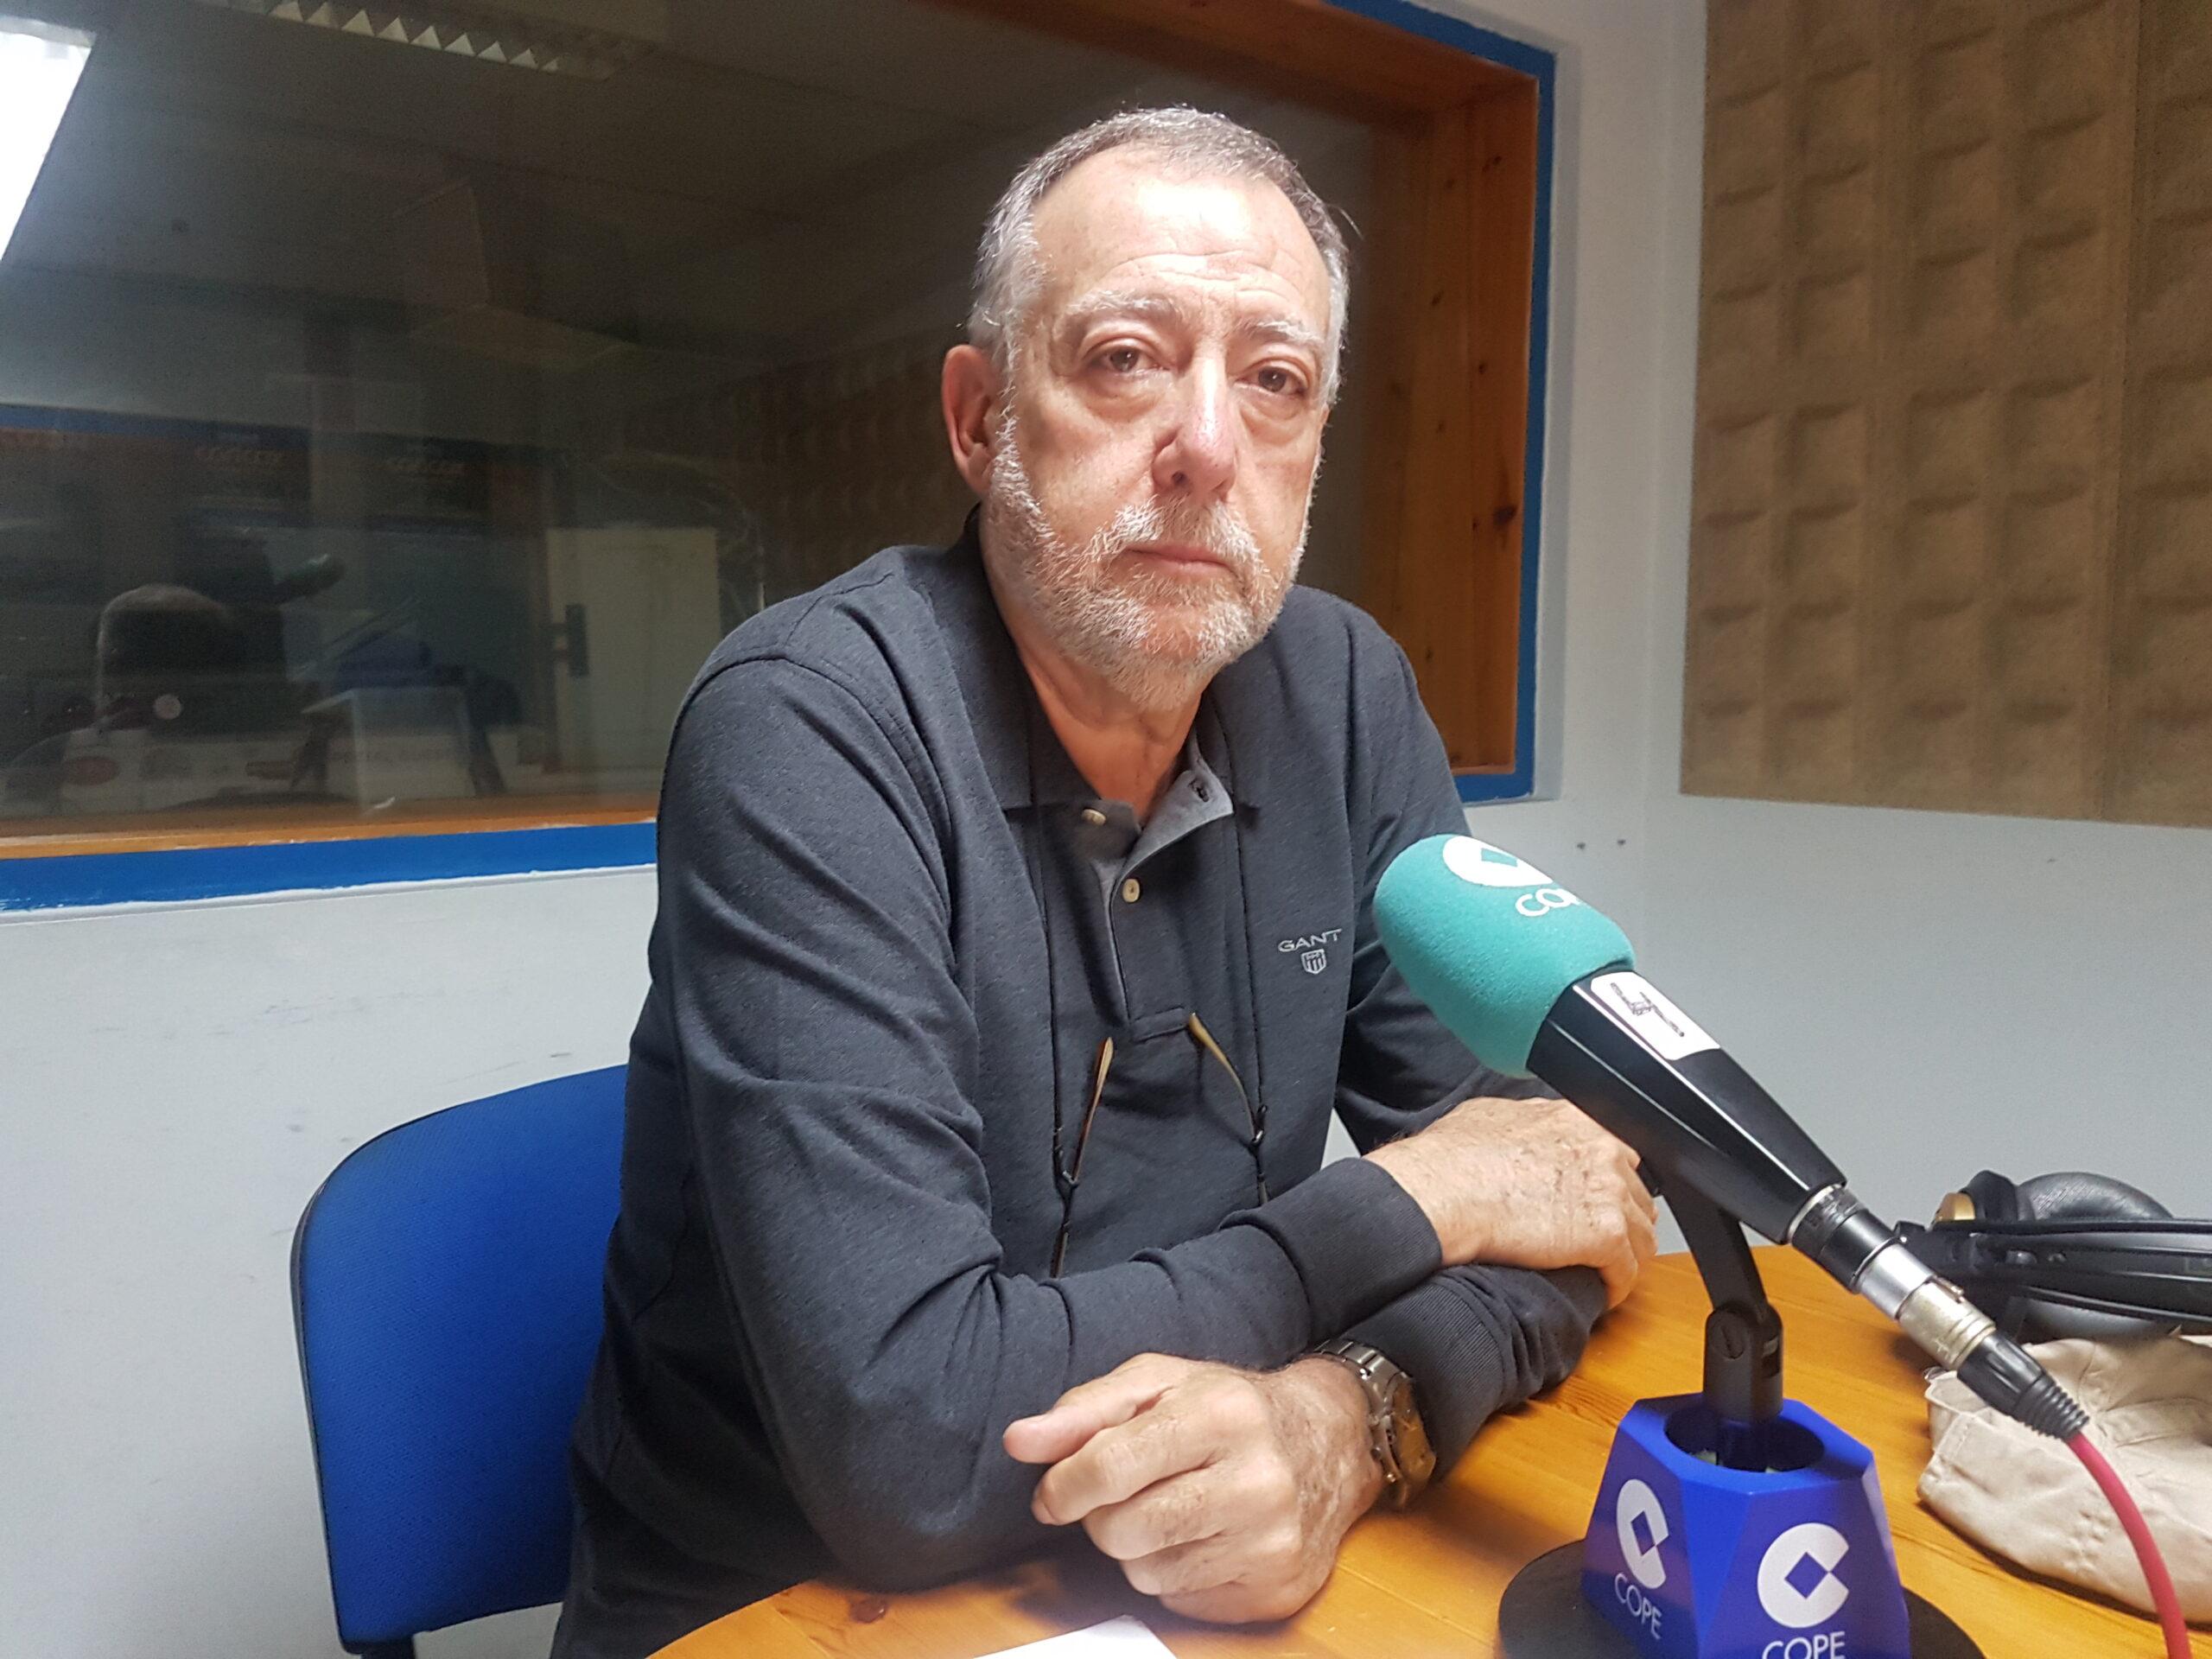 Entrevista al doctor Antonio Cascales, Responsable del Servicio de Neumología 1